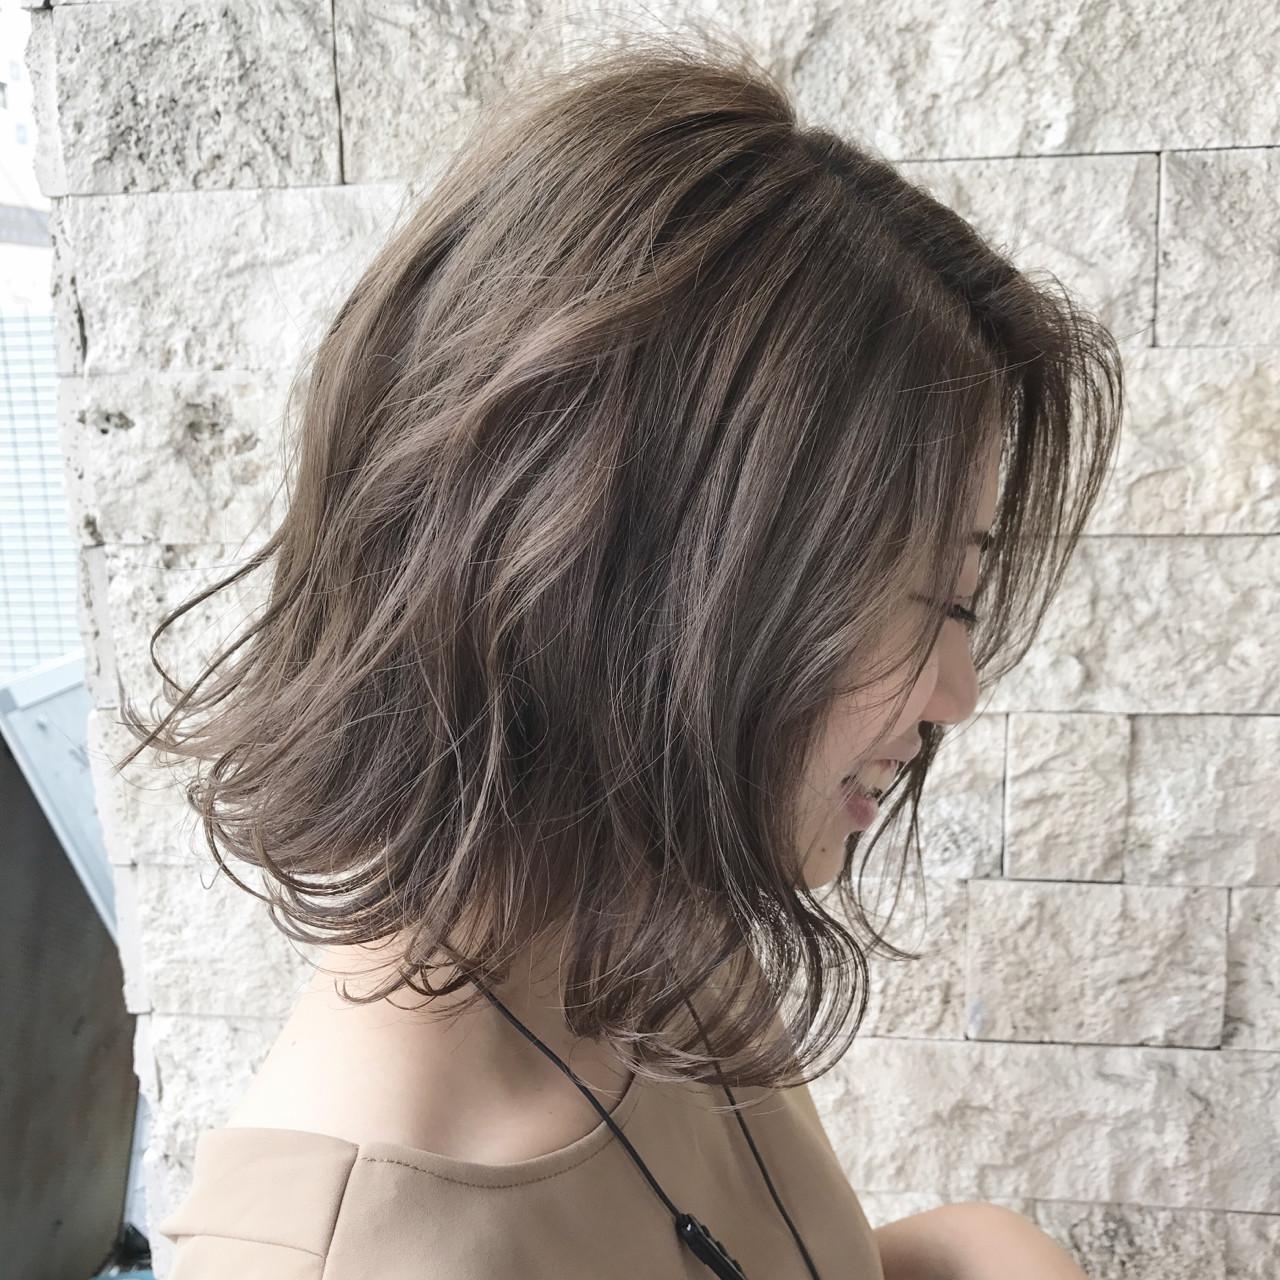 ナチュラル アッシュ 大人女子 こなれ感 ヘアスタイルや髪型の写真・画像